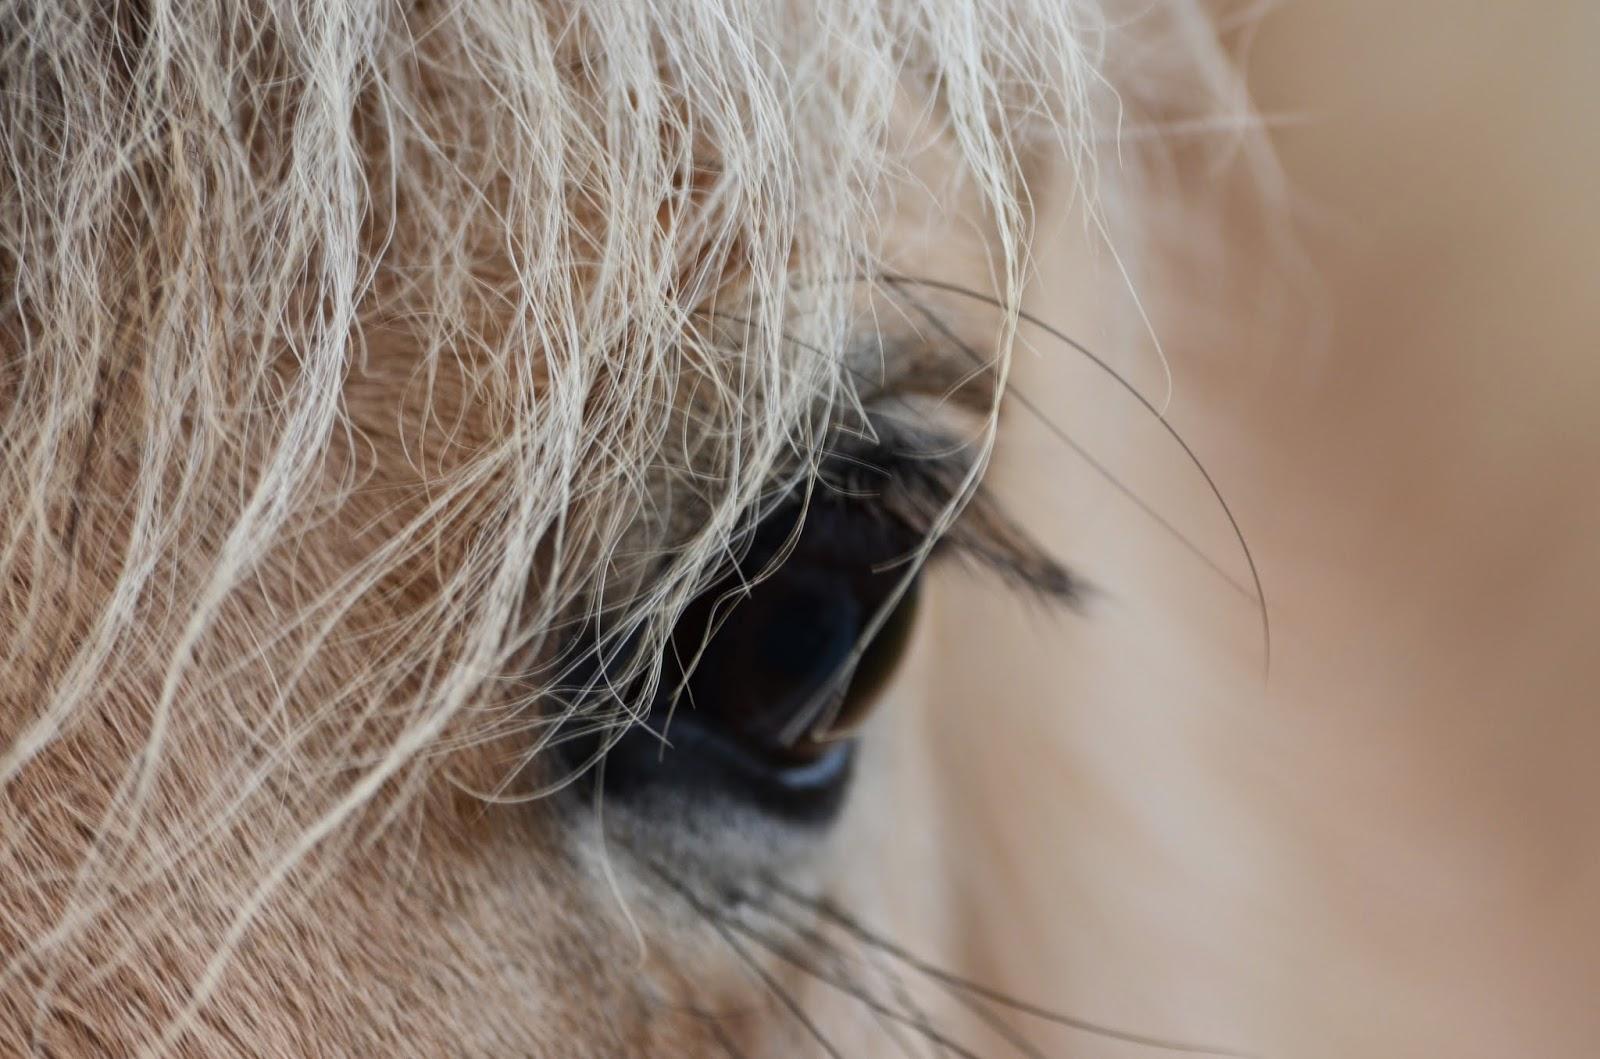 Kind horse eye